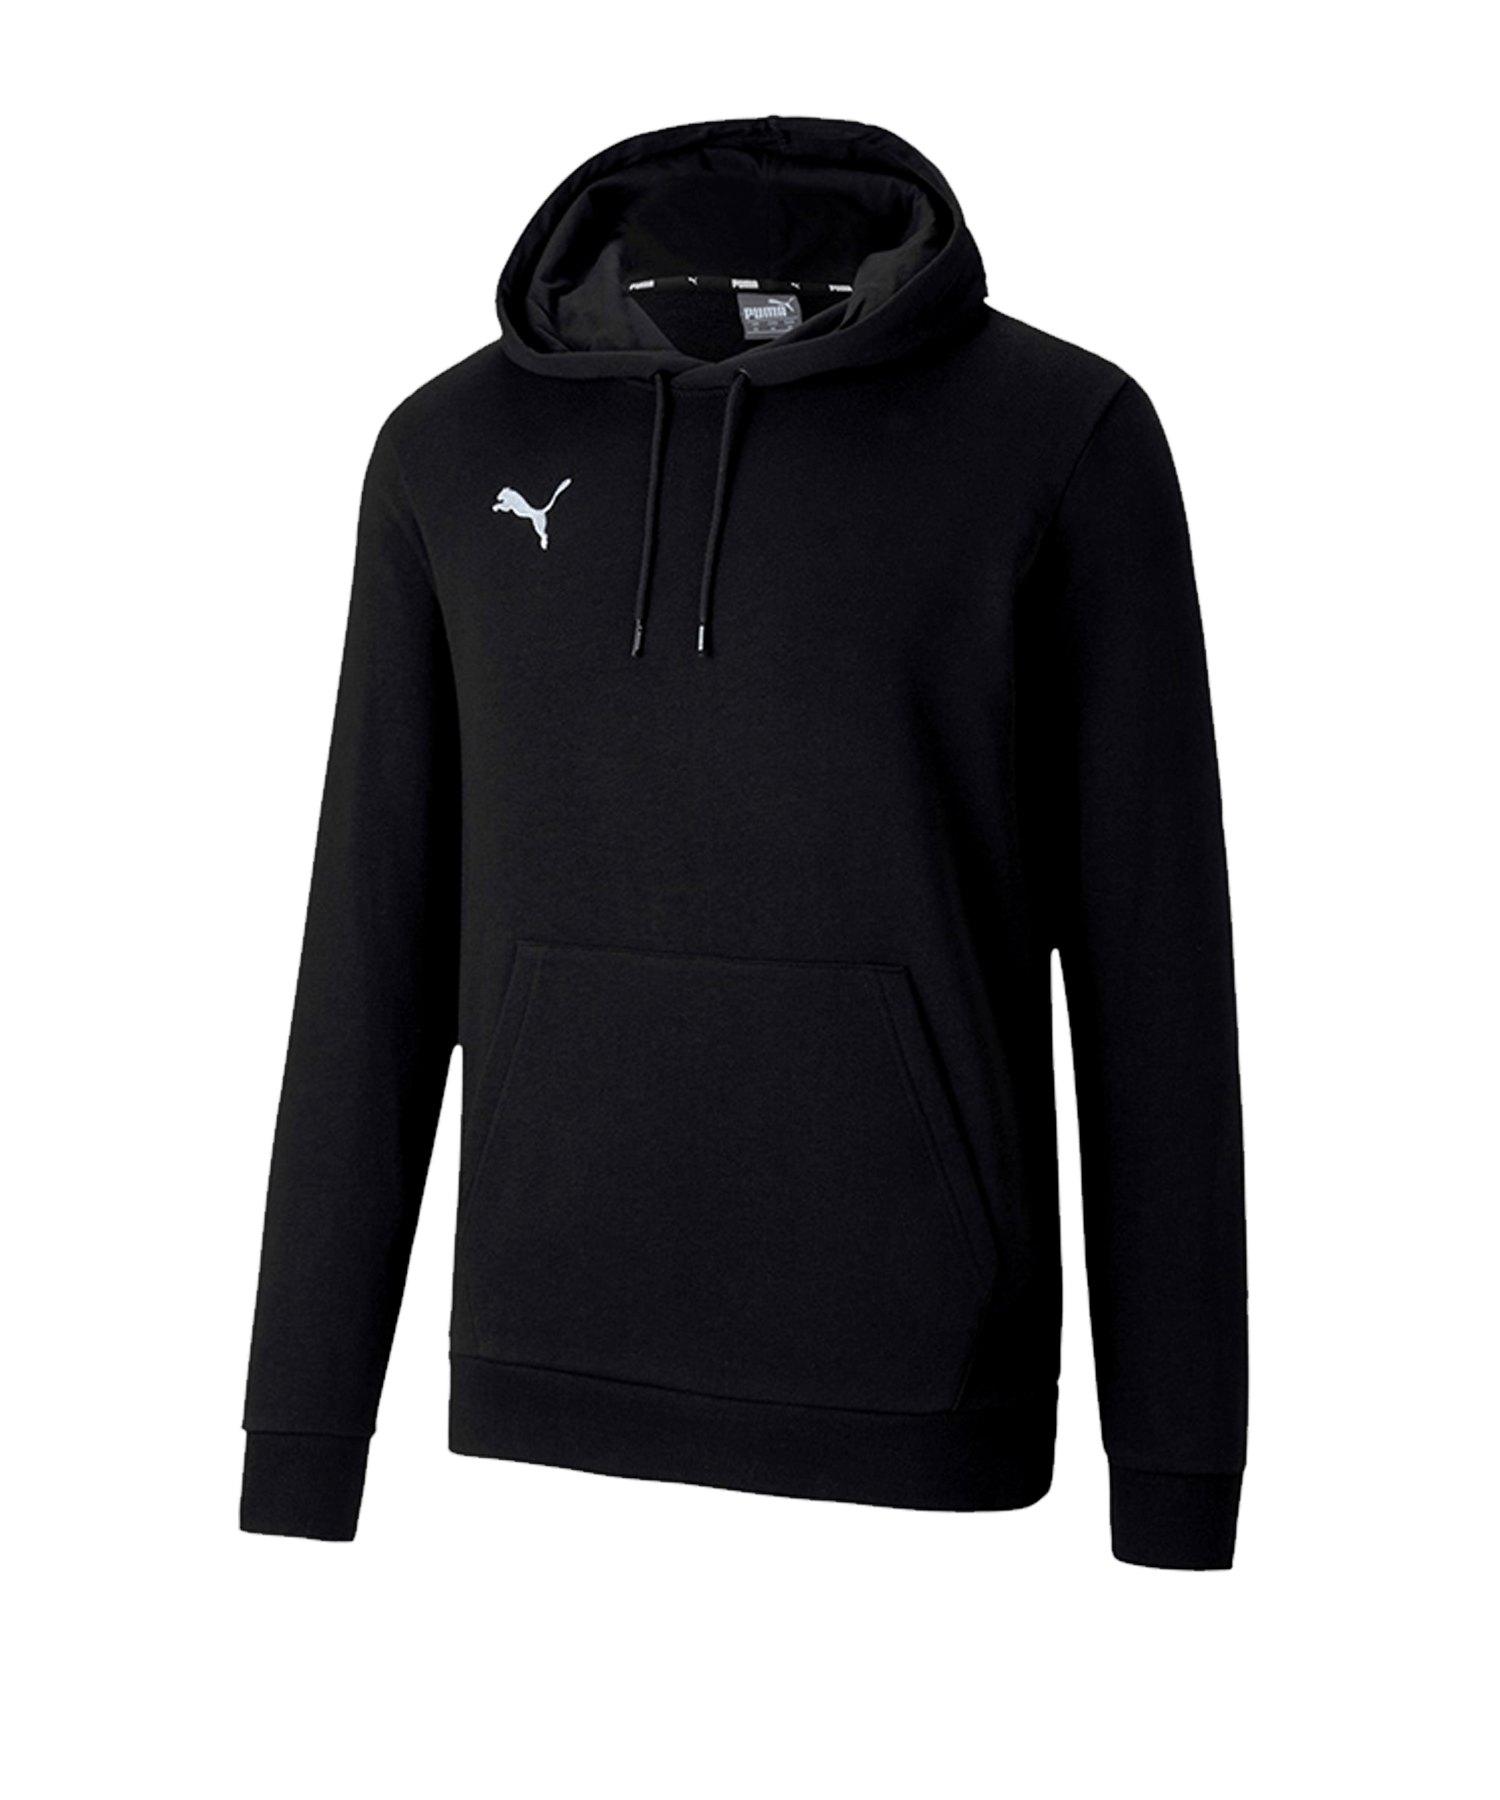 PUMA teamGOAL 23 Kapuzensweatshirt Schwarz F03 - schwarz